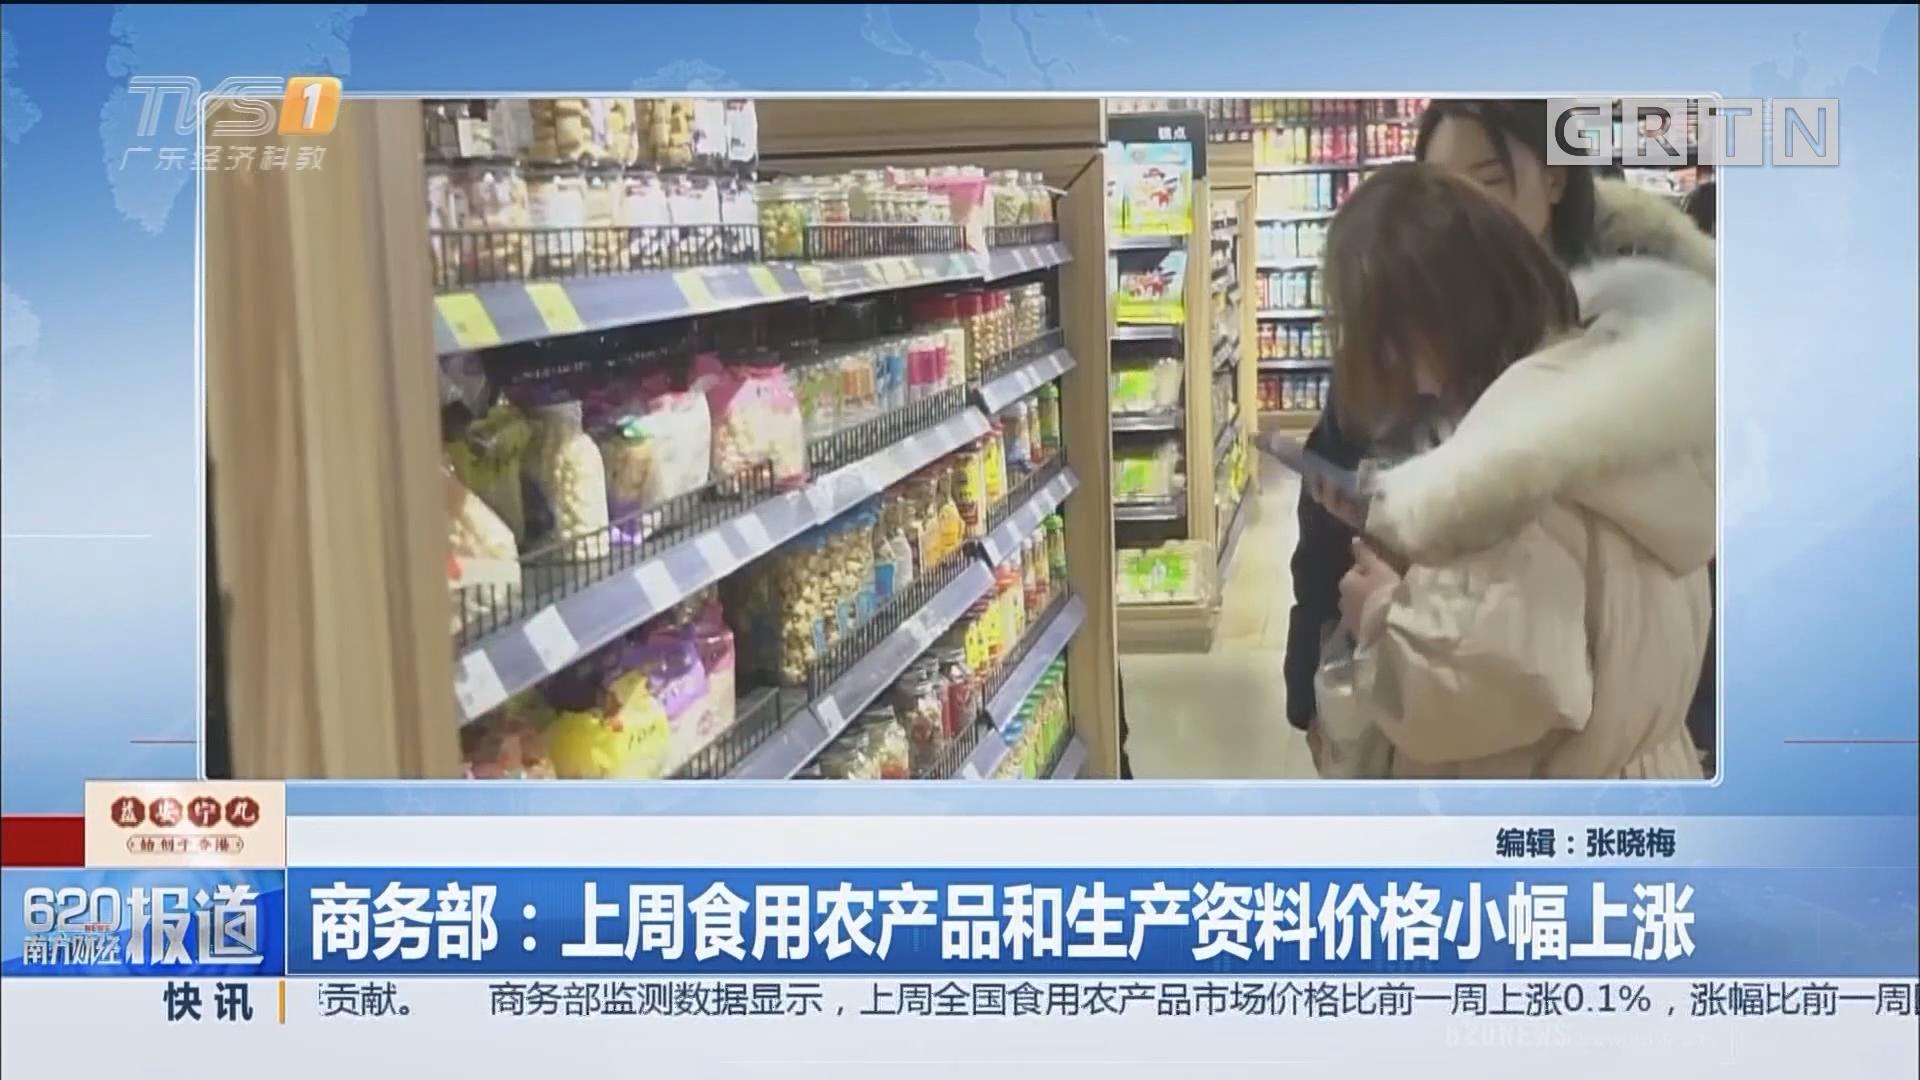 商务部:上周食用农产品和生产资料价格小幅上涨